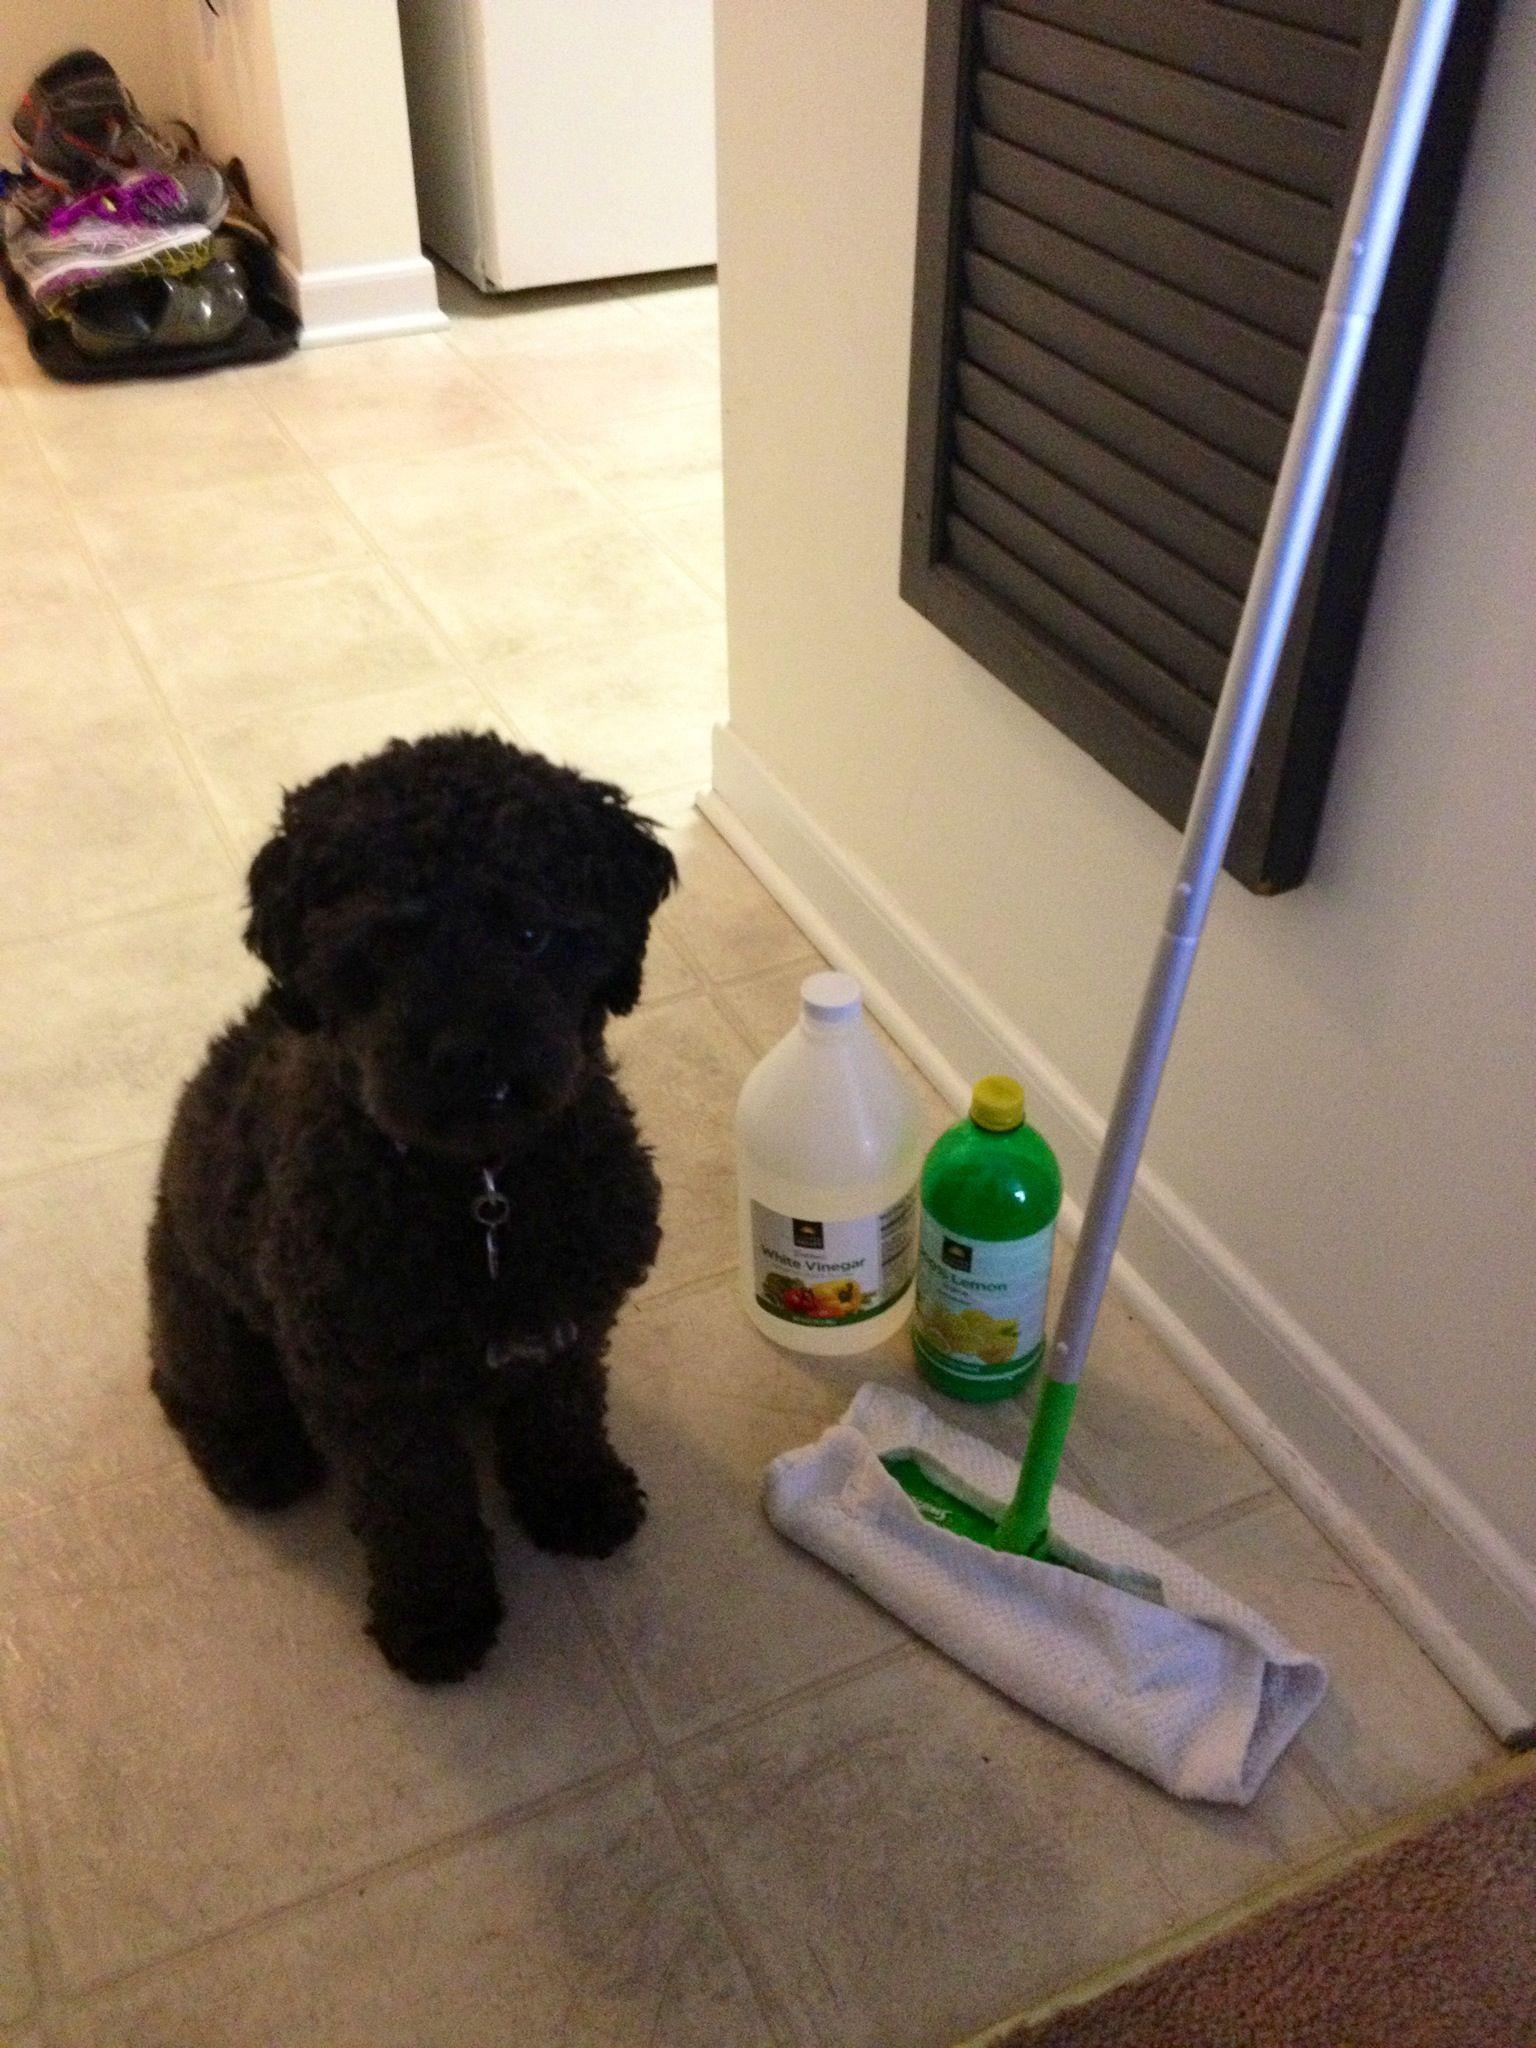 Pet friendly/nontoxic floor cleaner! 1/2 white vinegar 1